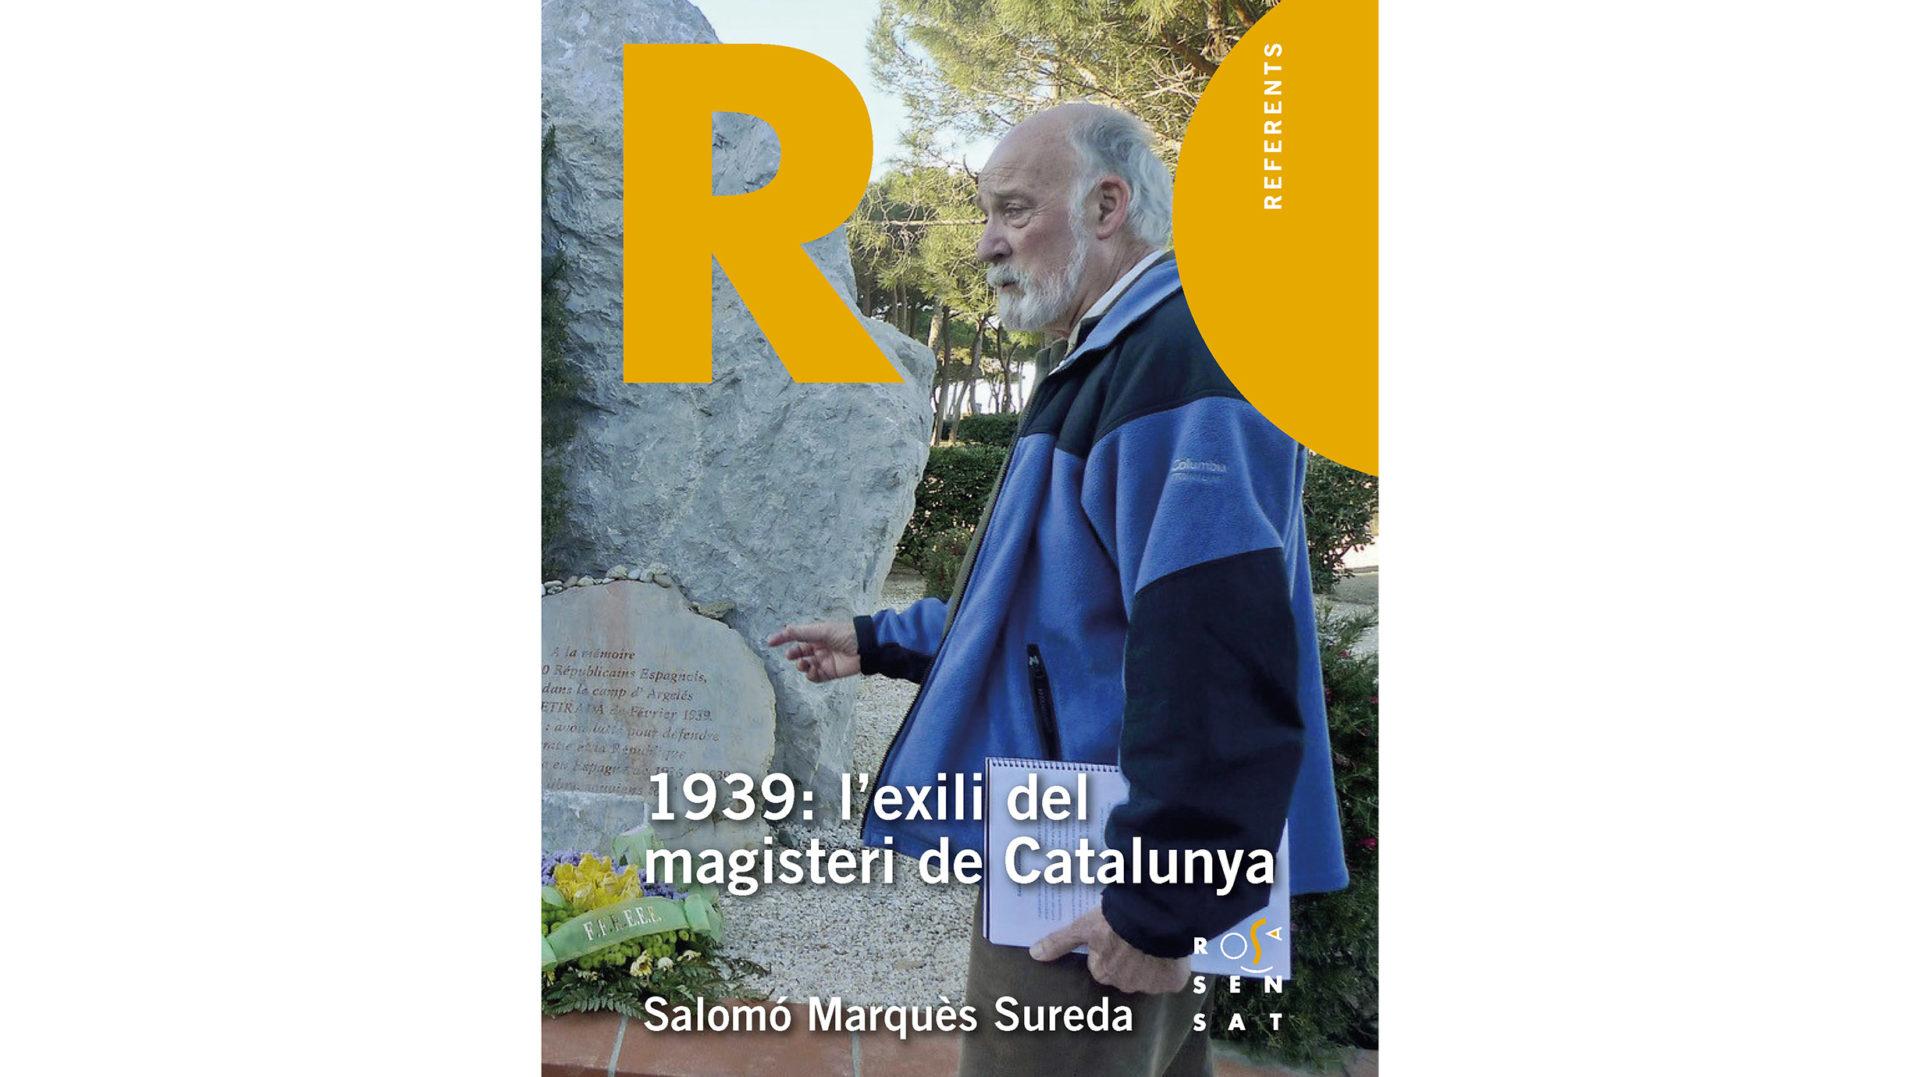 Presentació del llibre '1939: L'exili del magisteri de Catalunya'